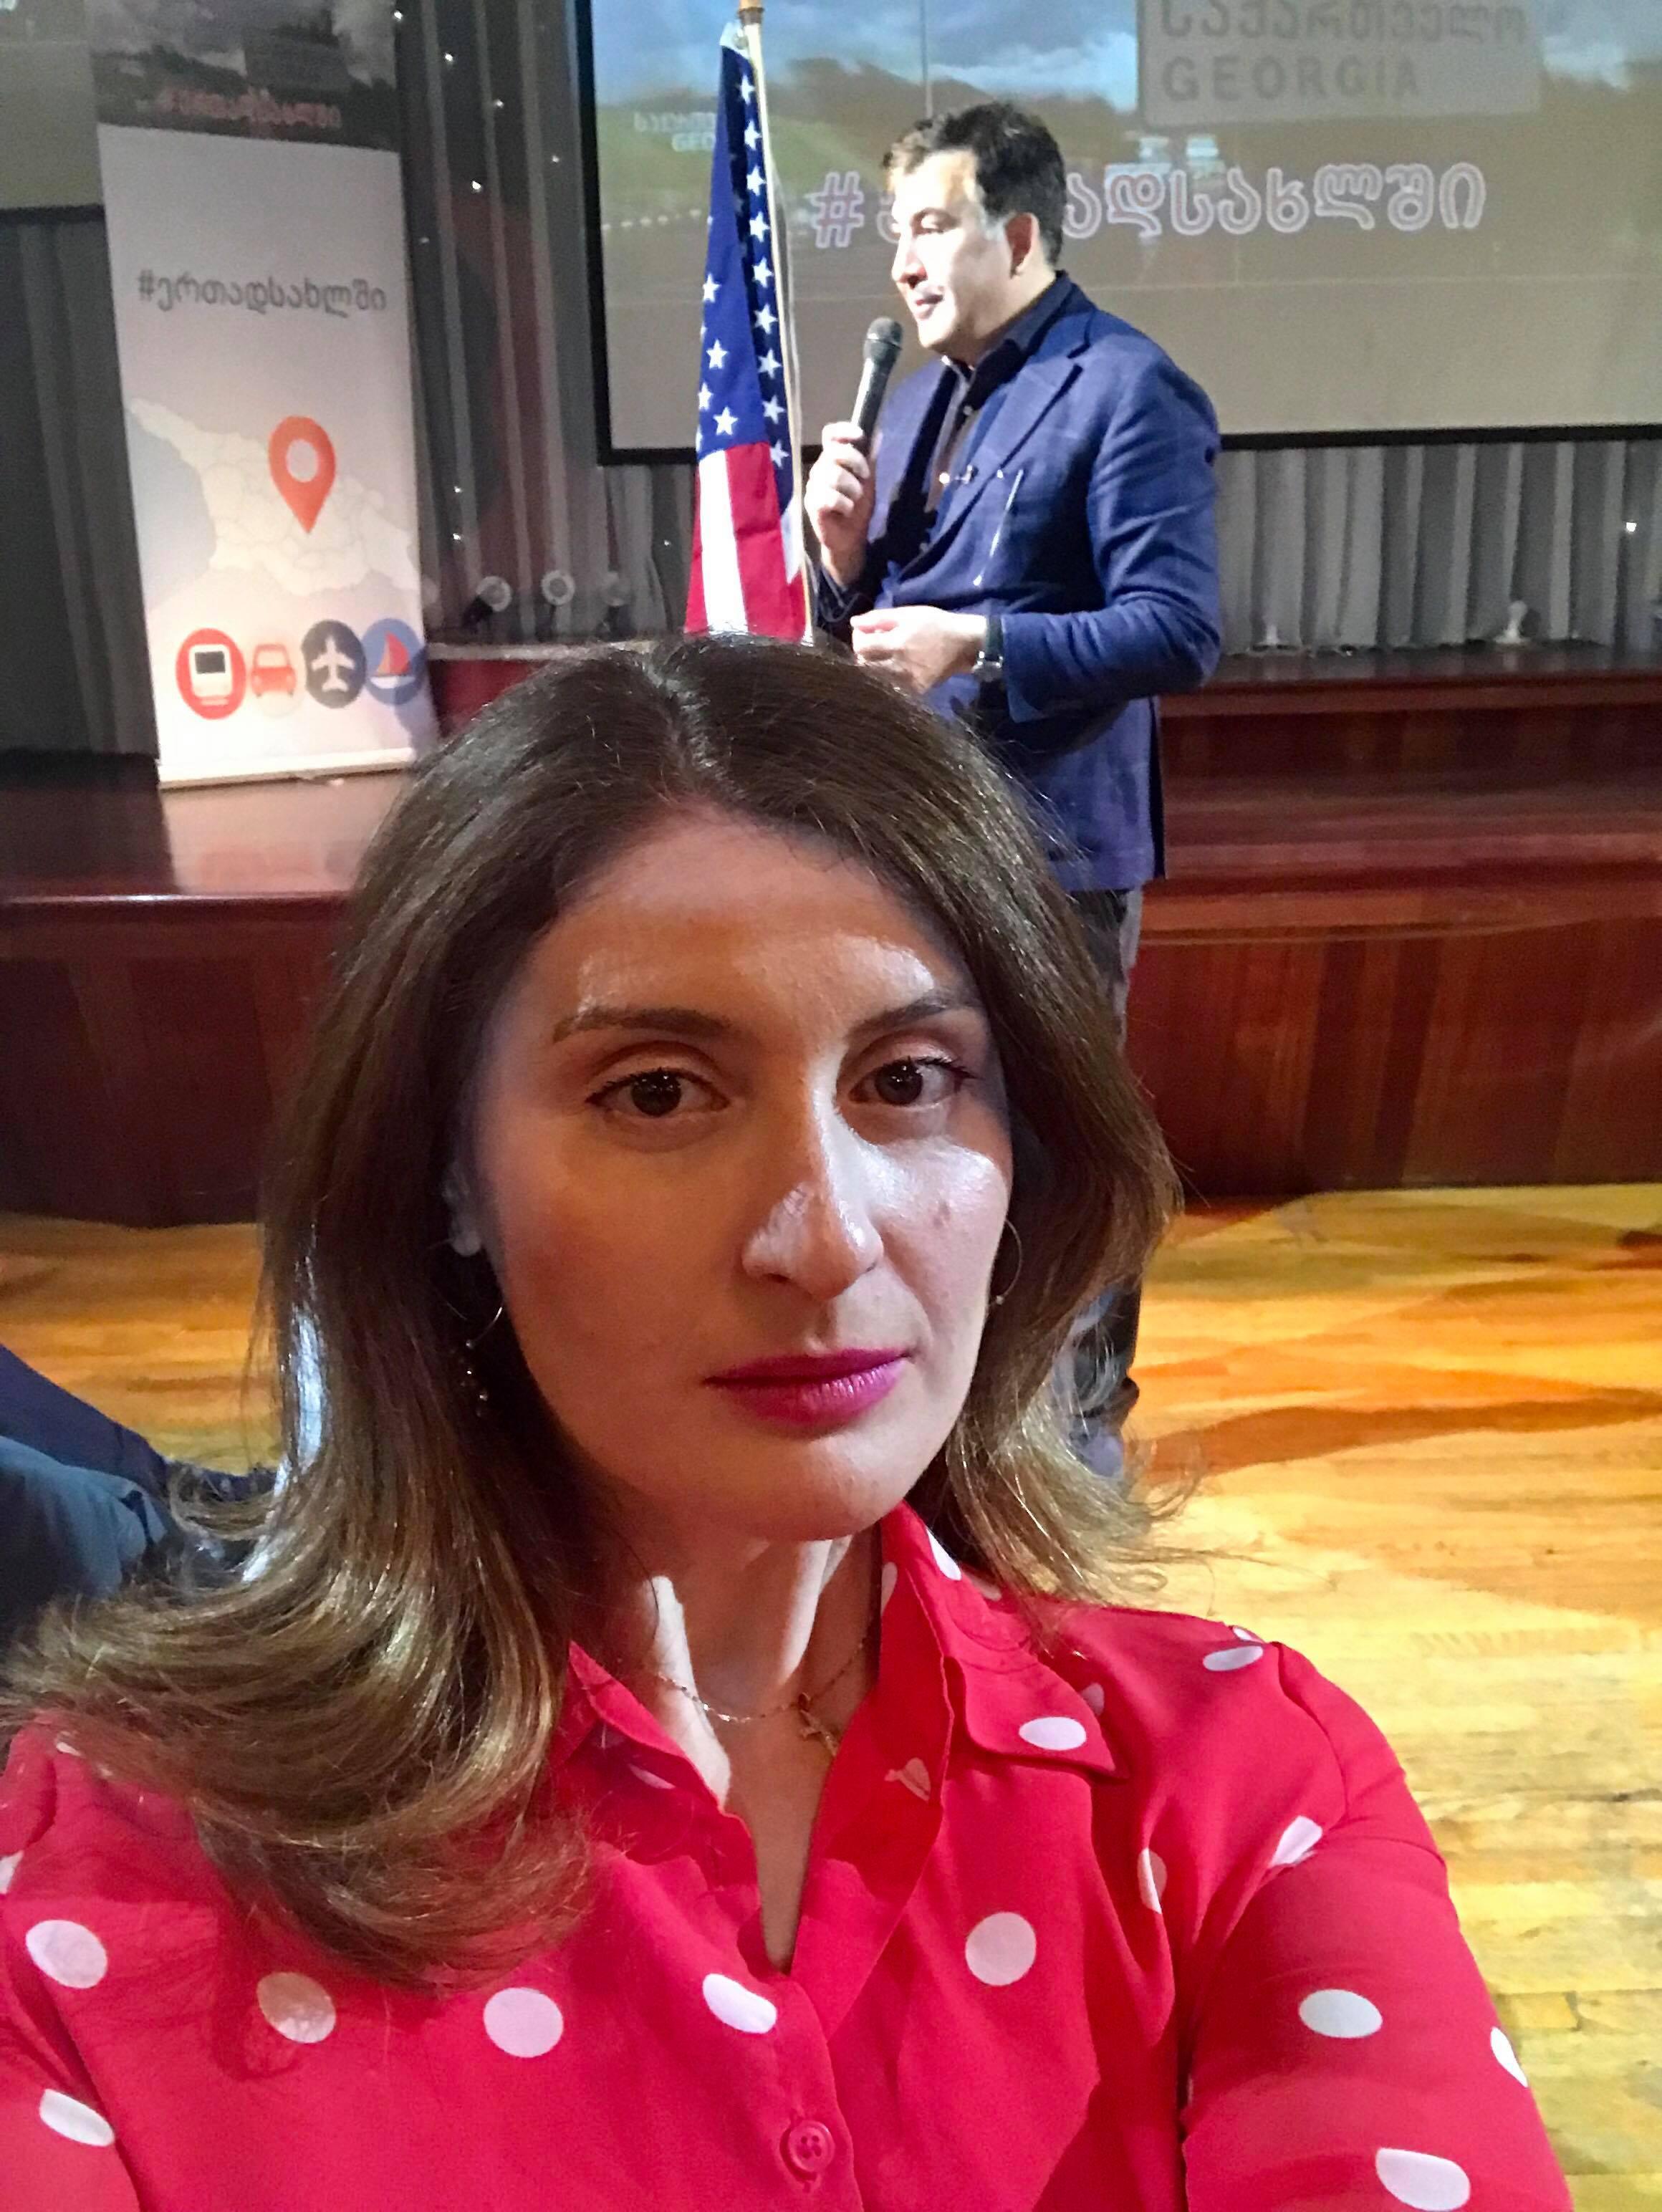 მიხეილ სააკაშვილის შეხვედრა ამერიკაში მცხოვრებ ქართველ ემიგრანტებთან